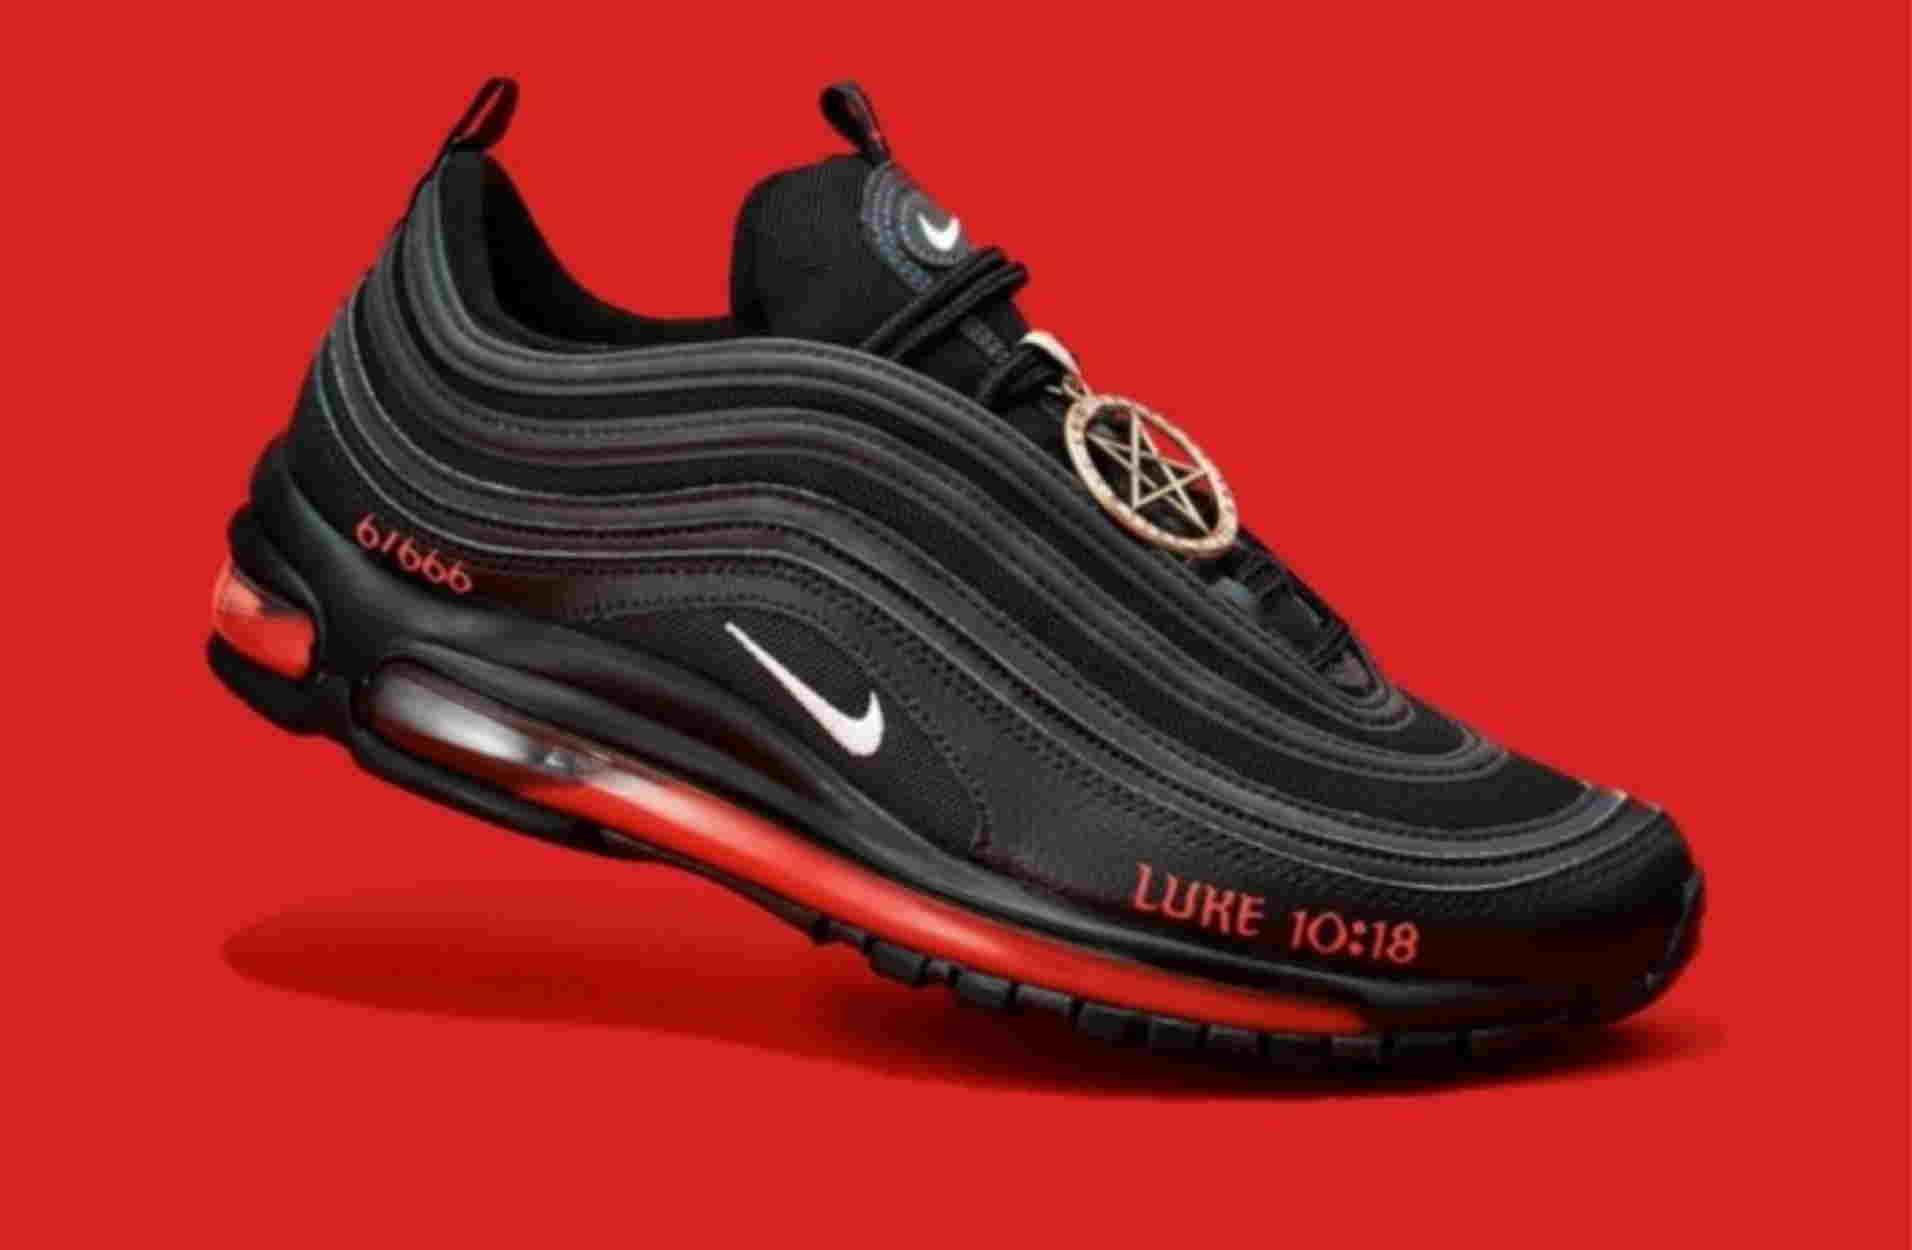 """Χαμό έχουν προκαλέσει τα """"Παπούτσια του Σατανά"""" με ανθρώπινο αίμα – Η απαντηση της Nike"""